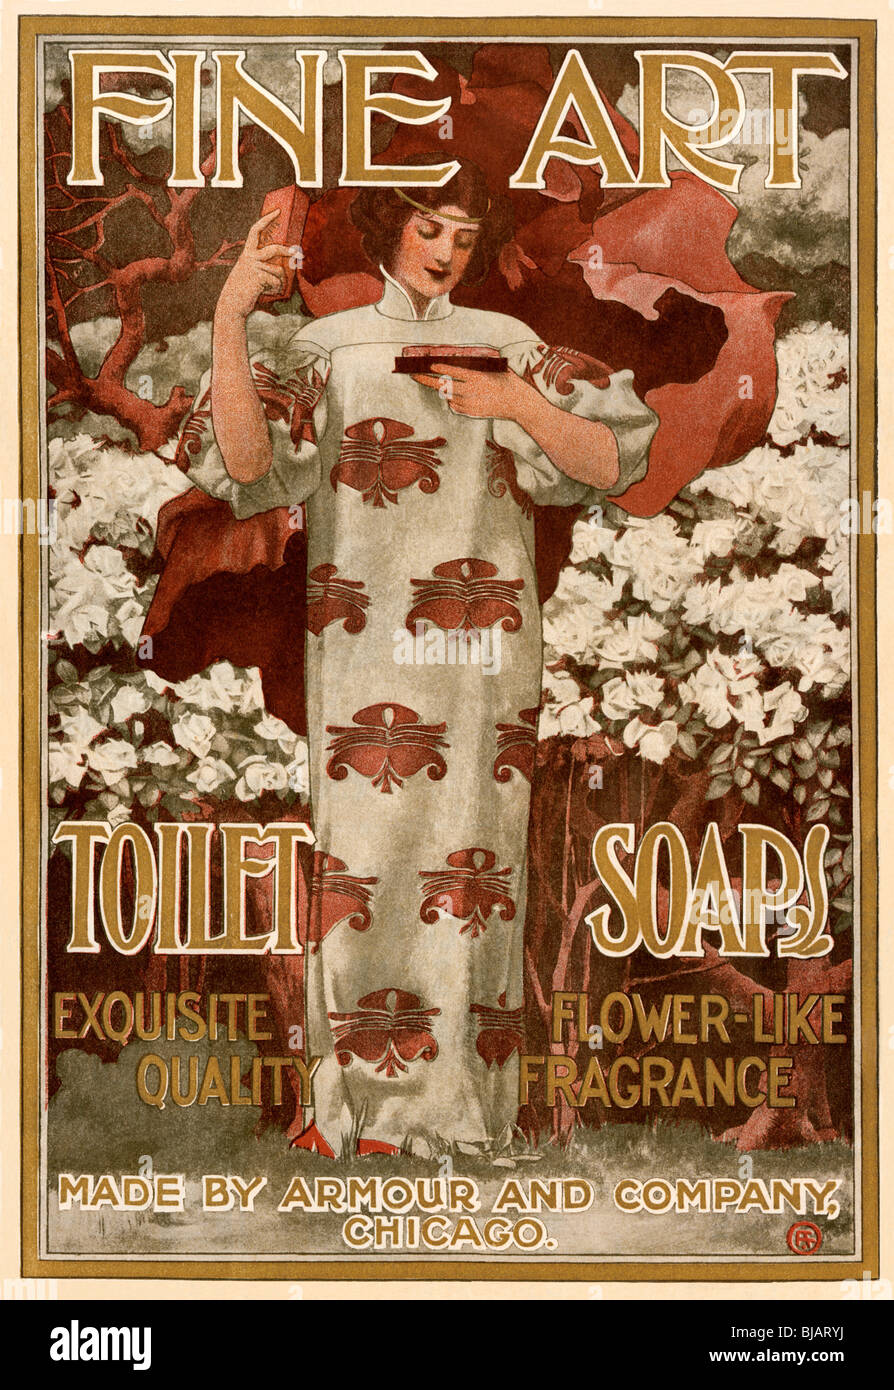 Annuncio per Arte Da Toeletta, 1901. Litografia a colori Immagini Stock